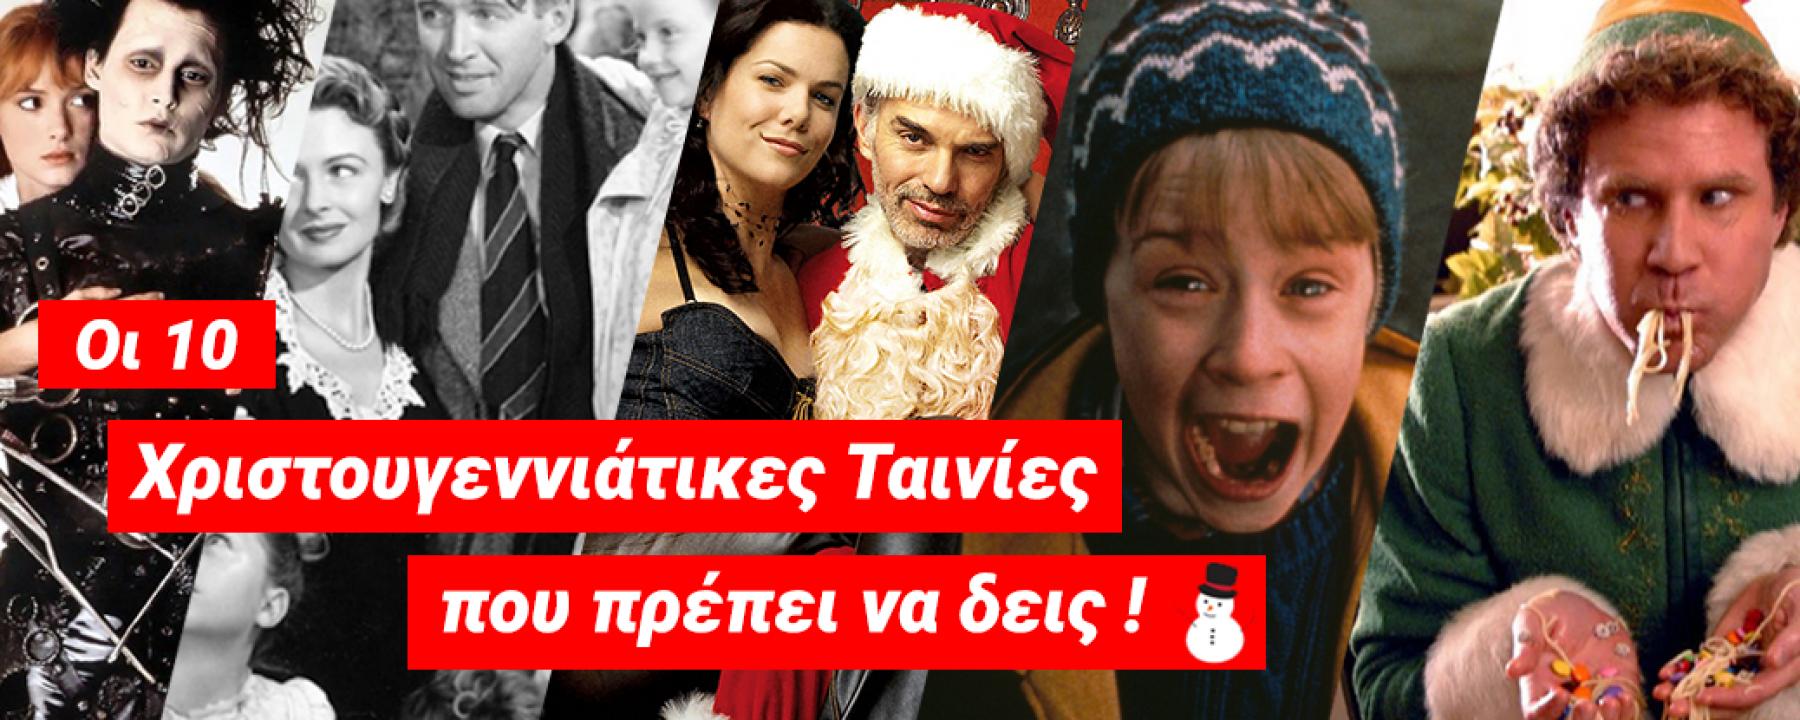 Οι 10 Χριστουγεννιάτικες Ταινίες